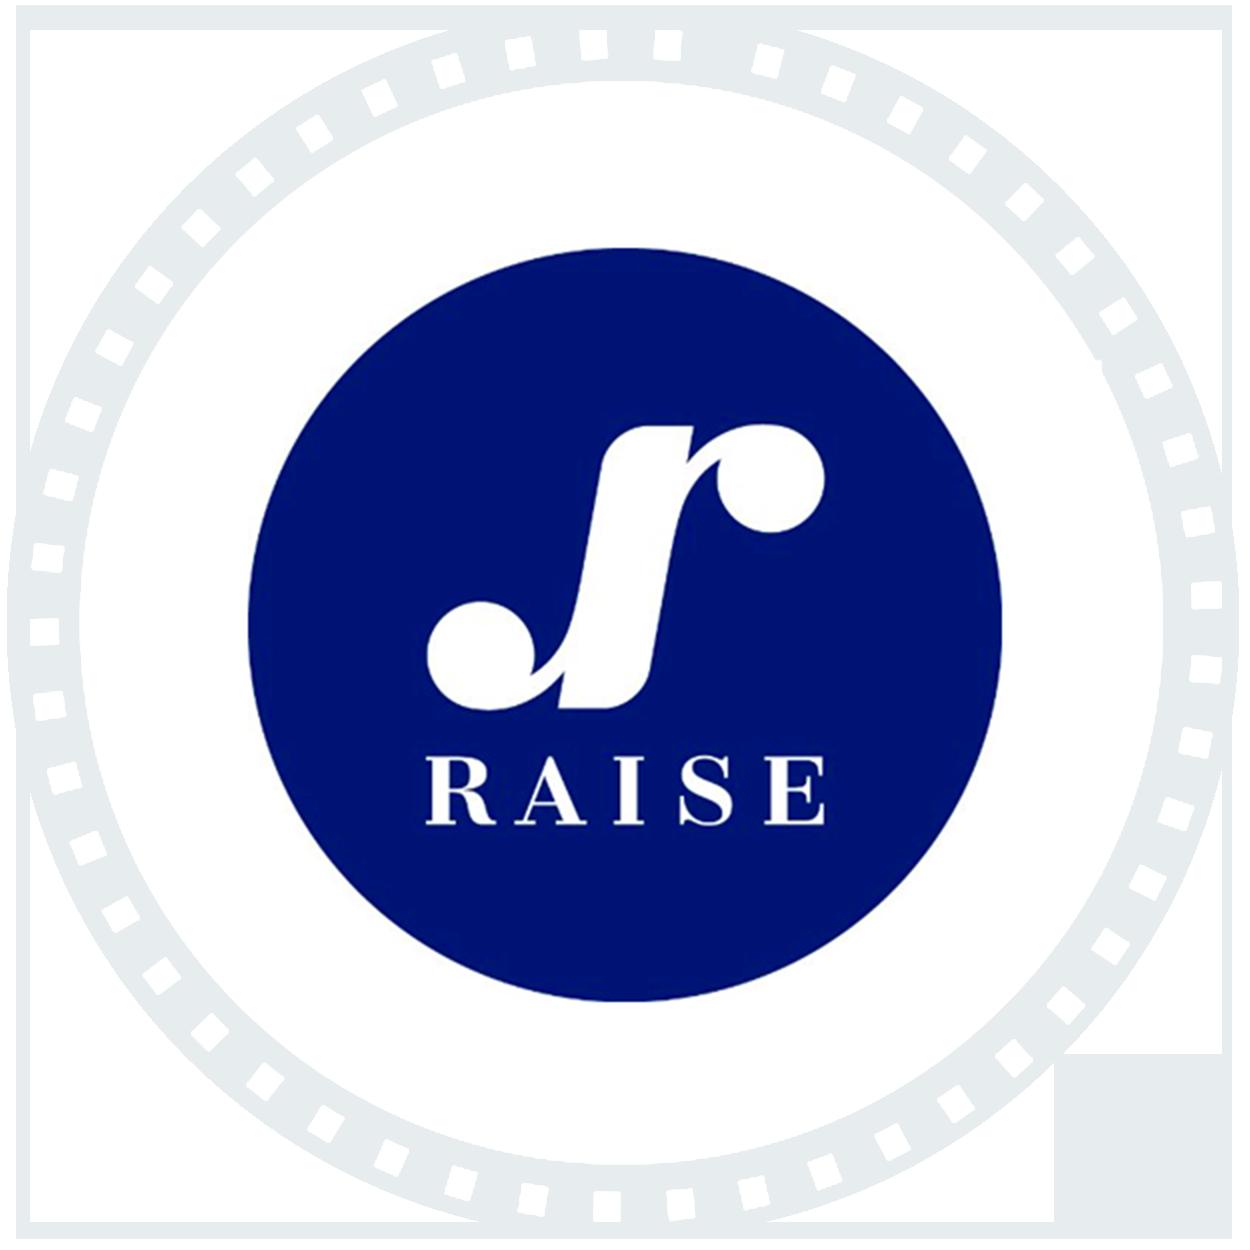 12 raise